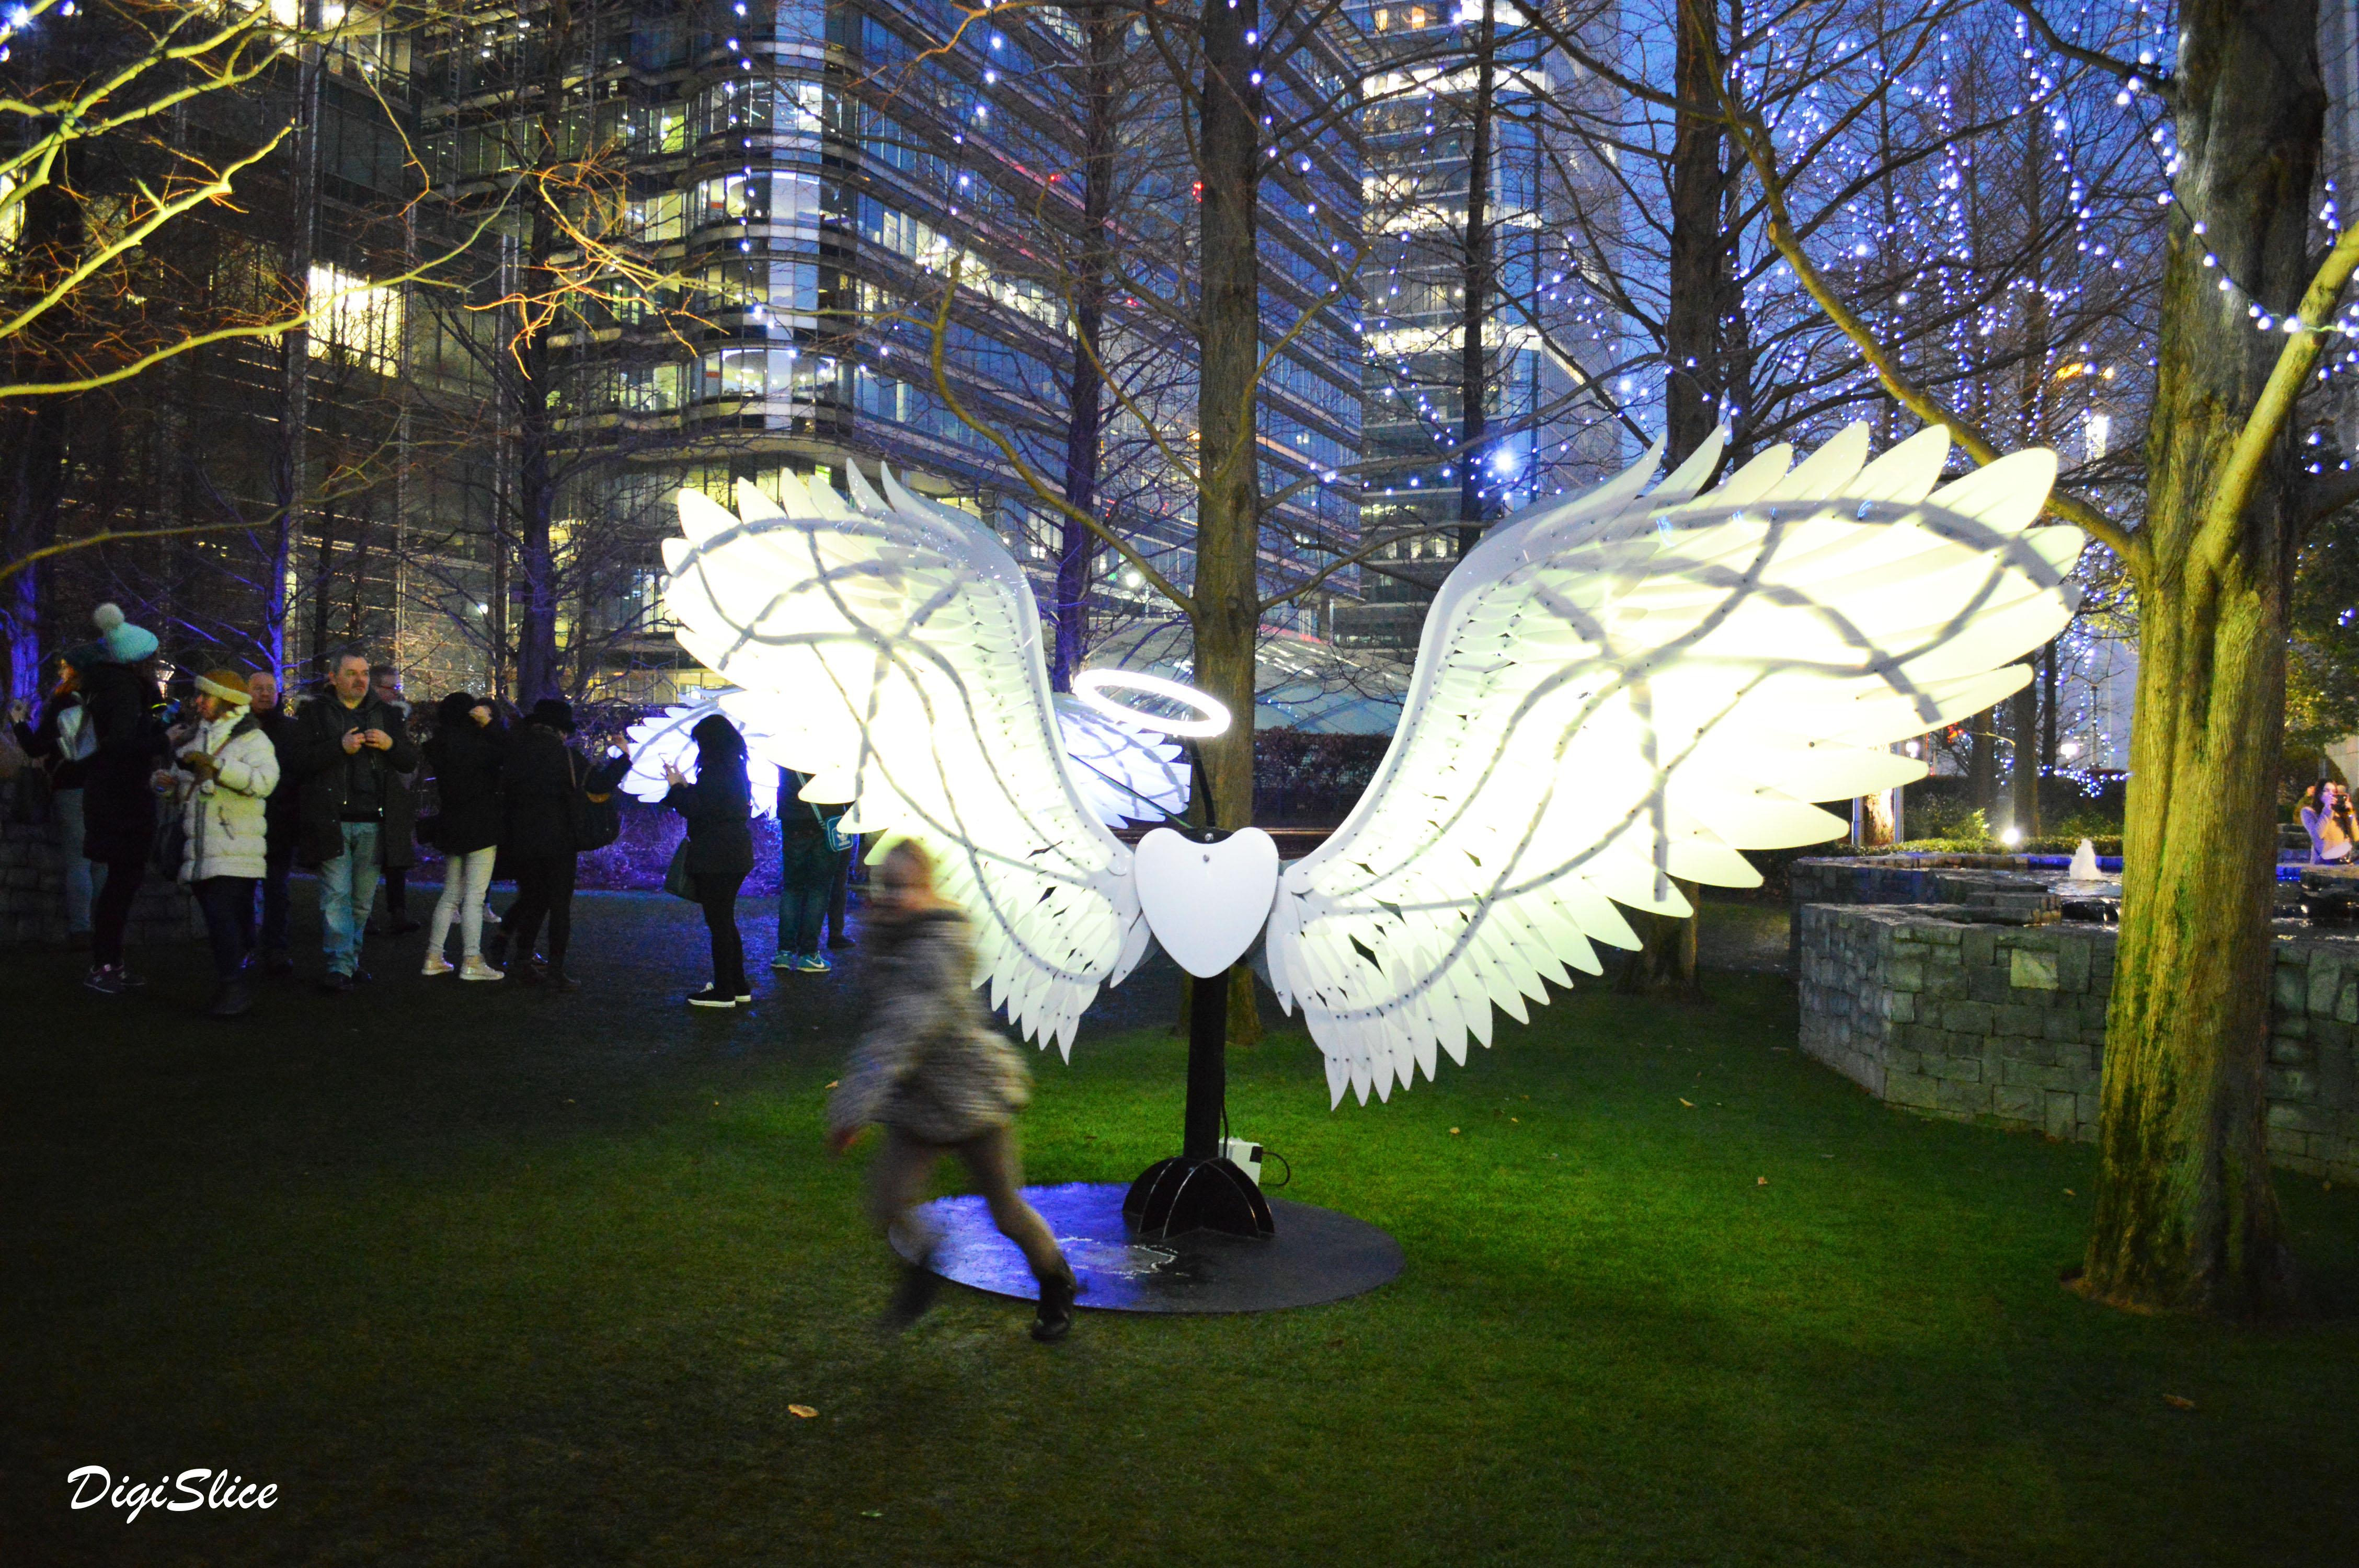 Angels Of Freedom, Ove Collective / Merav Eitan + Gaston Zahr